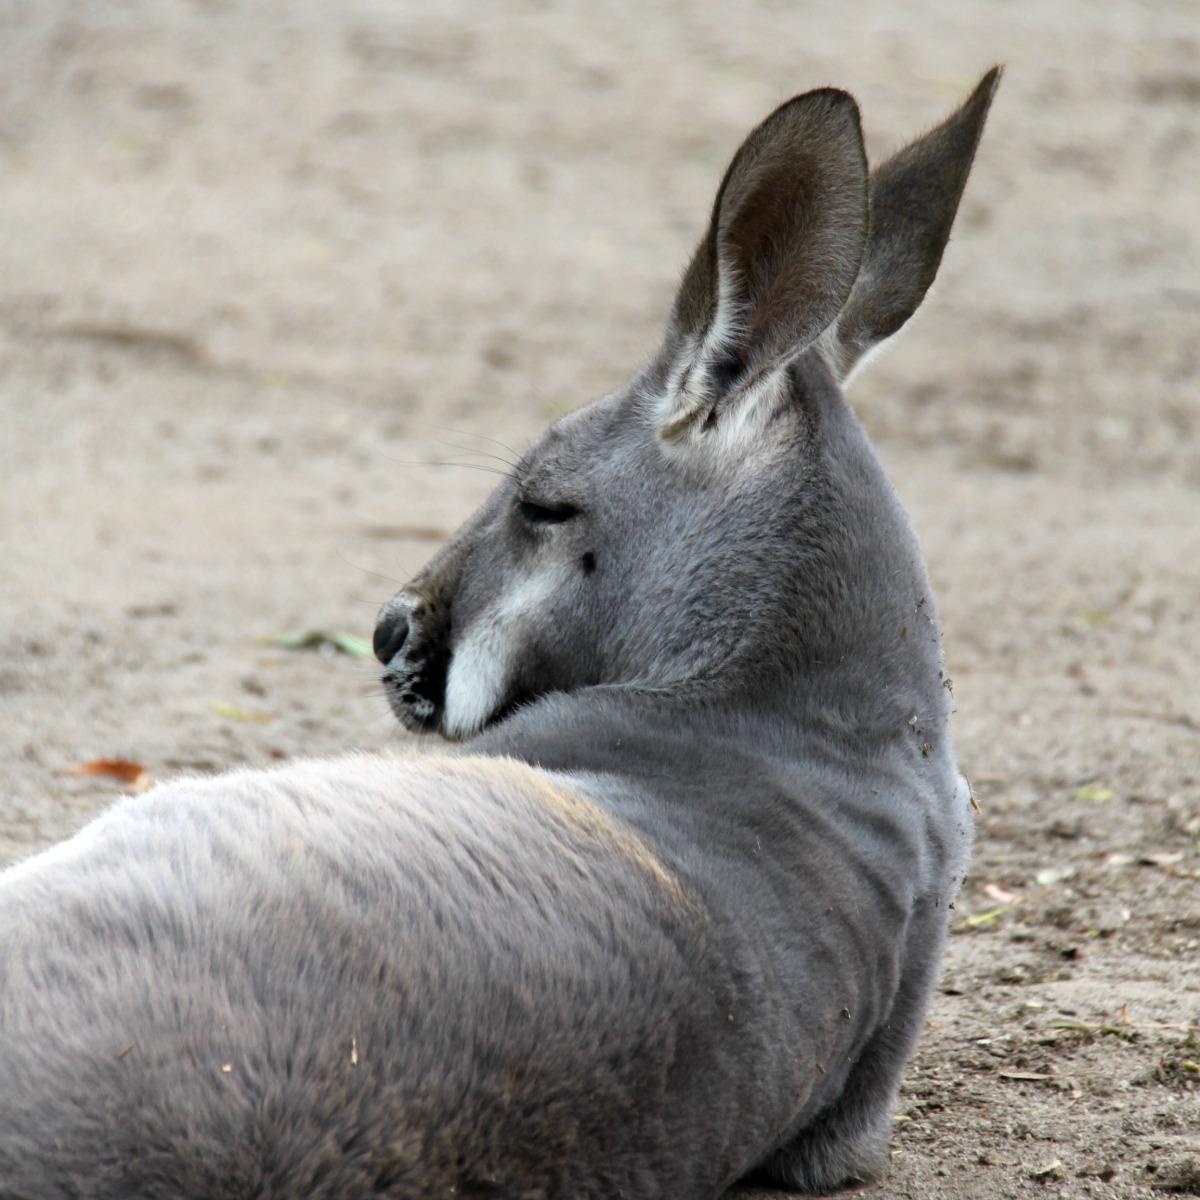 Australien rejse kænguru urbannotes.dk rejseblogger drømmerejse